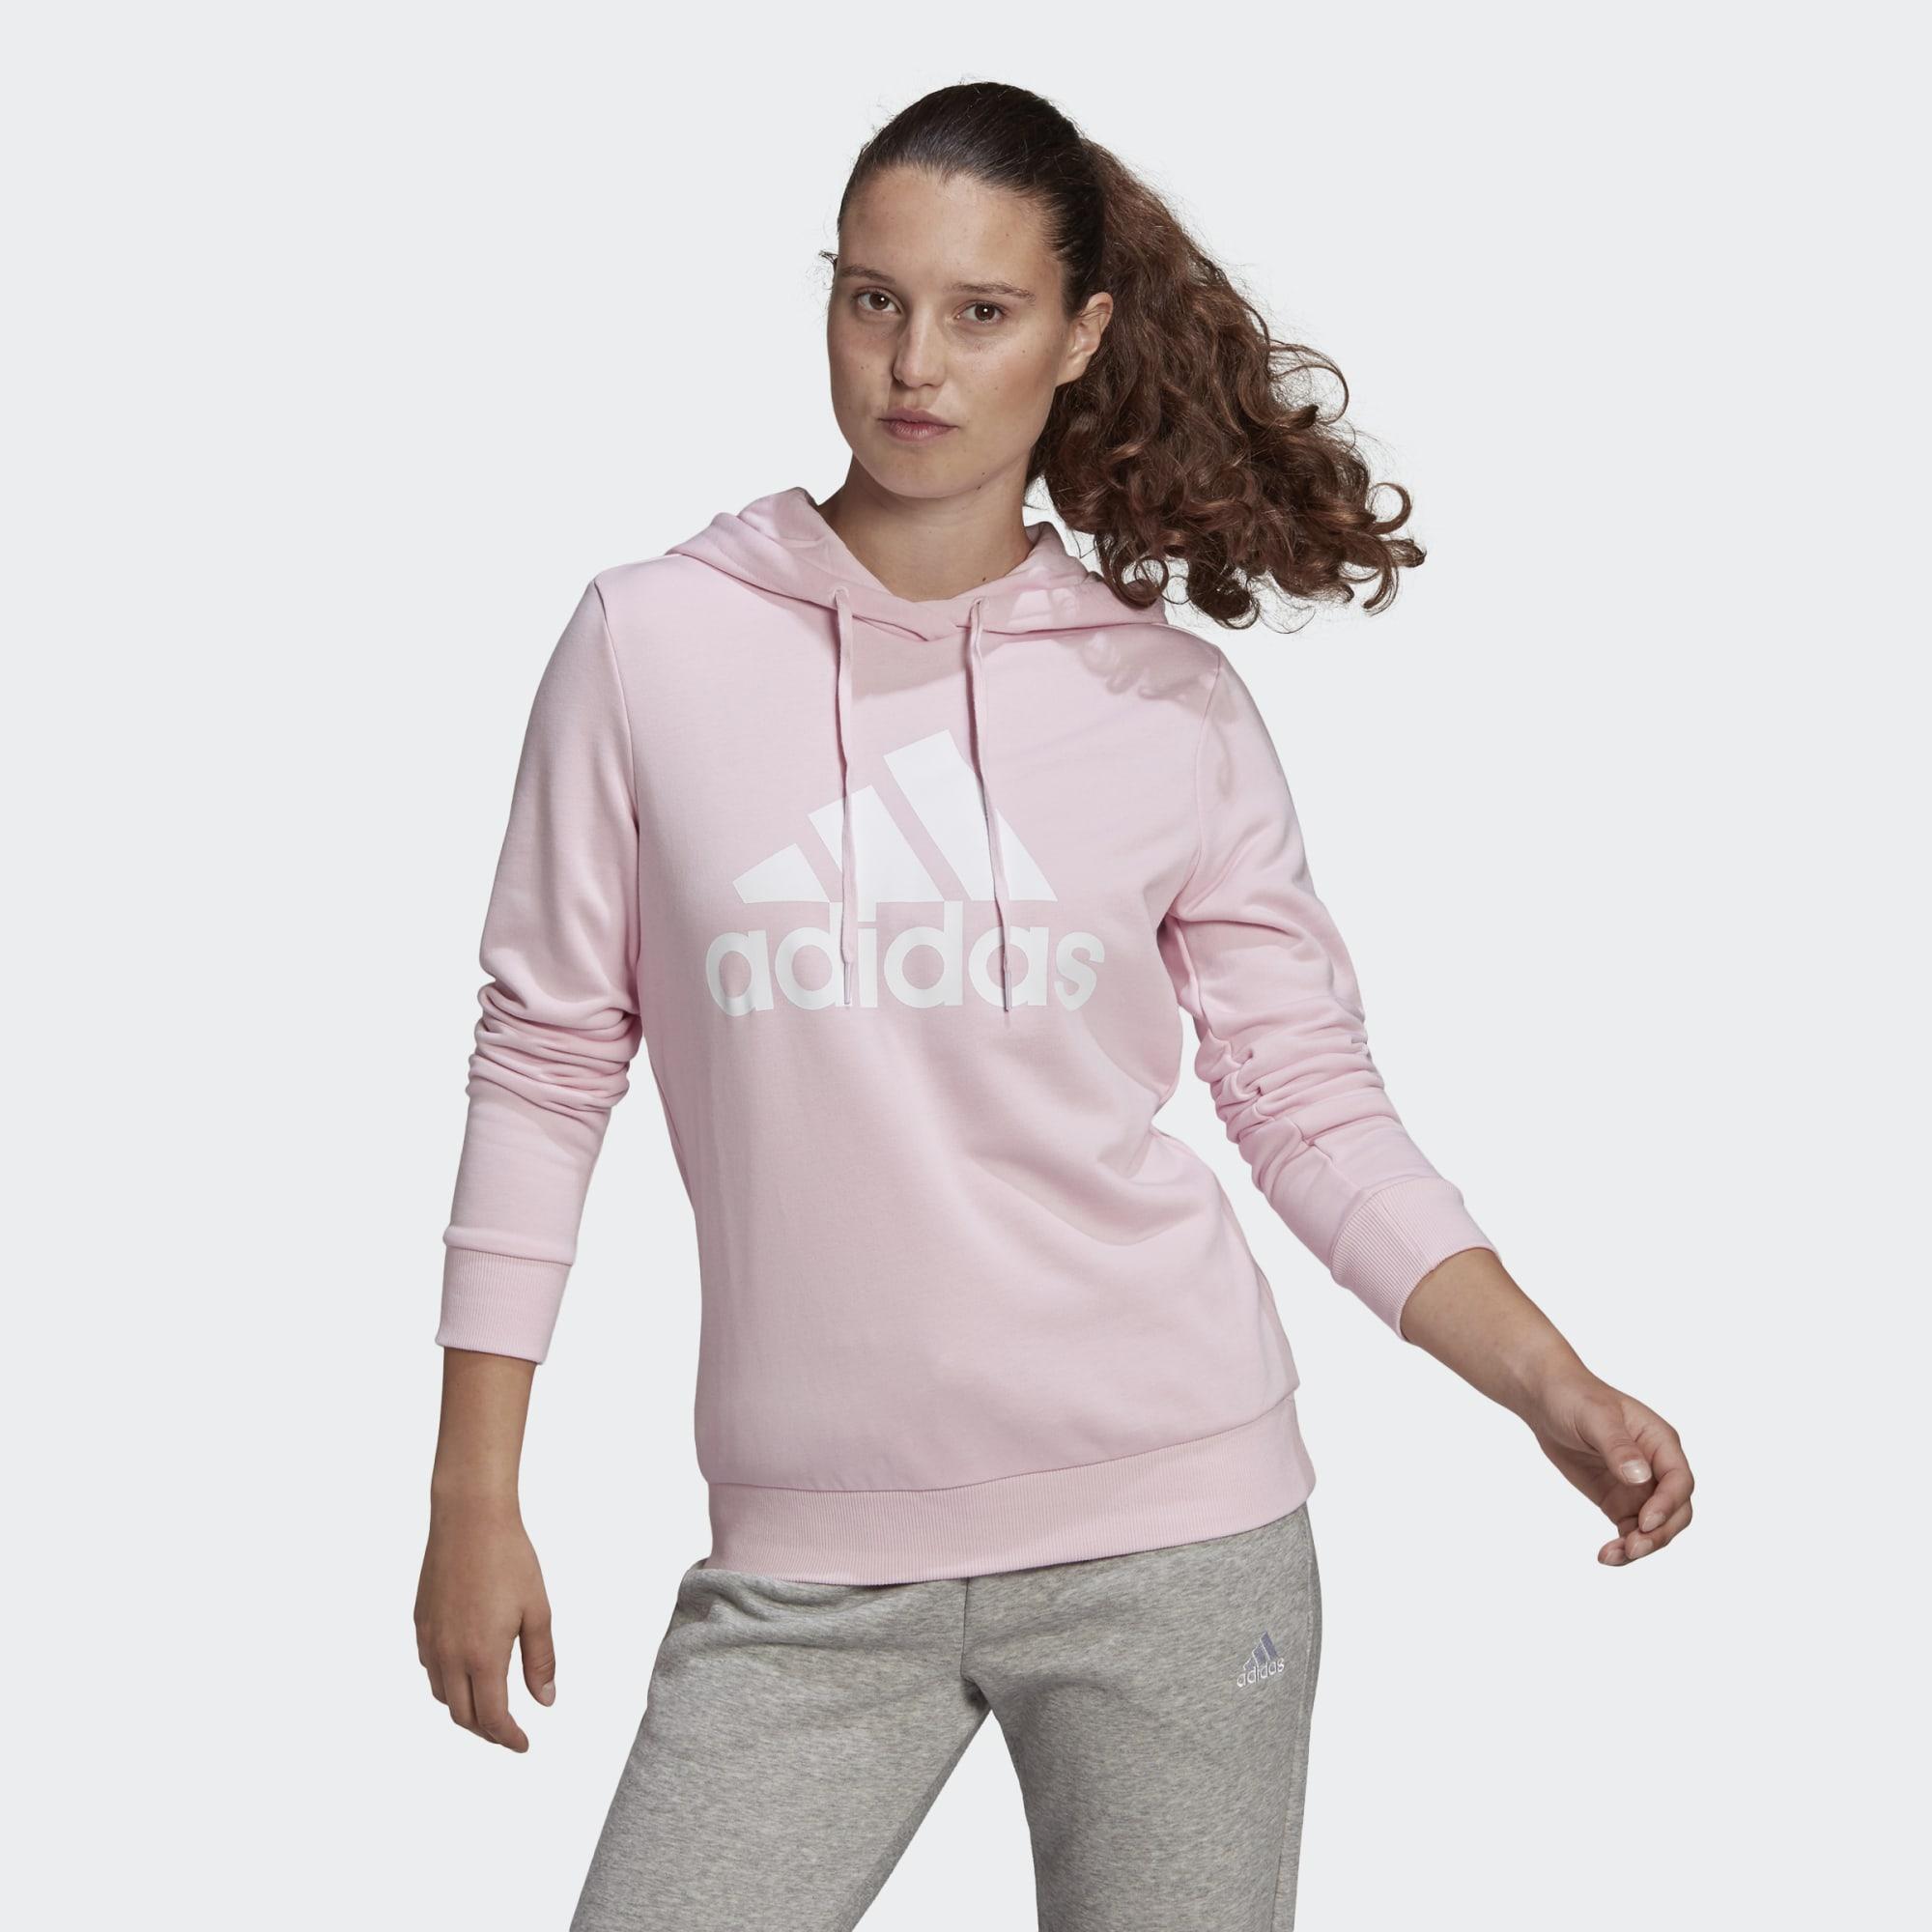 Sudadera básica rosa con capucha con el logo en blanco